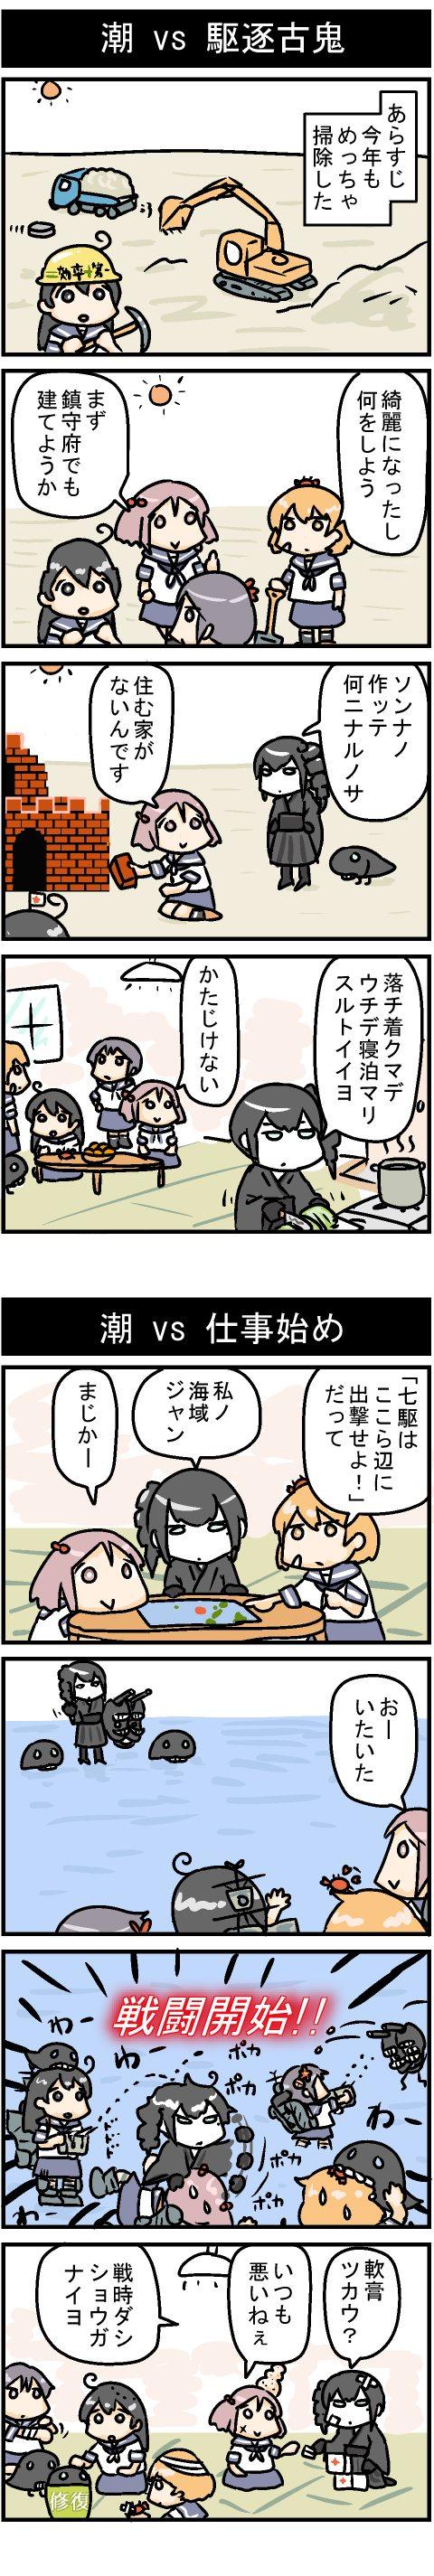 http://dec.2chan.net/60/src/1509959027130.jpg